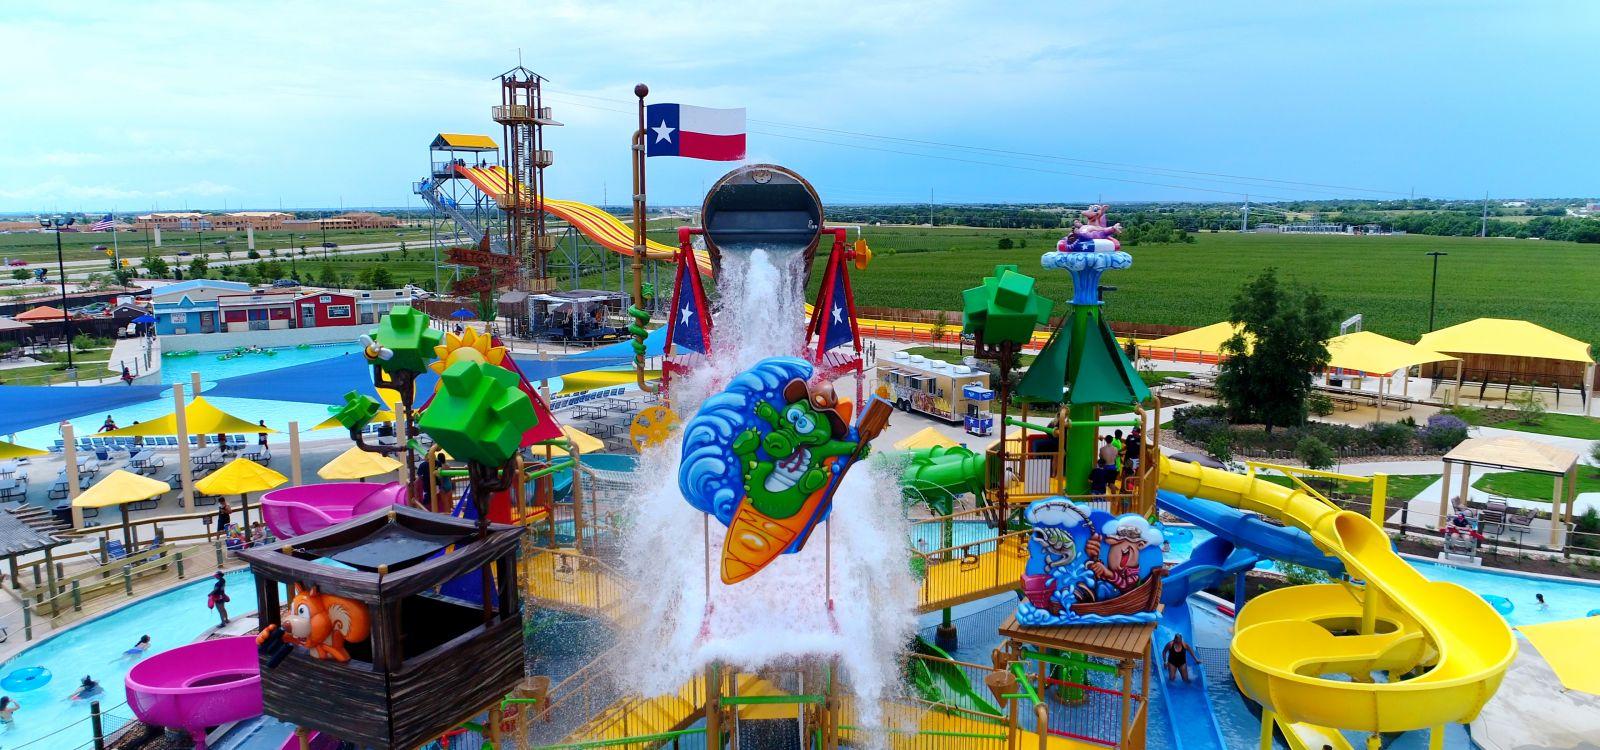 Typhoon Texas Waterpark Austin